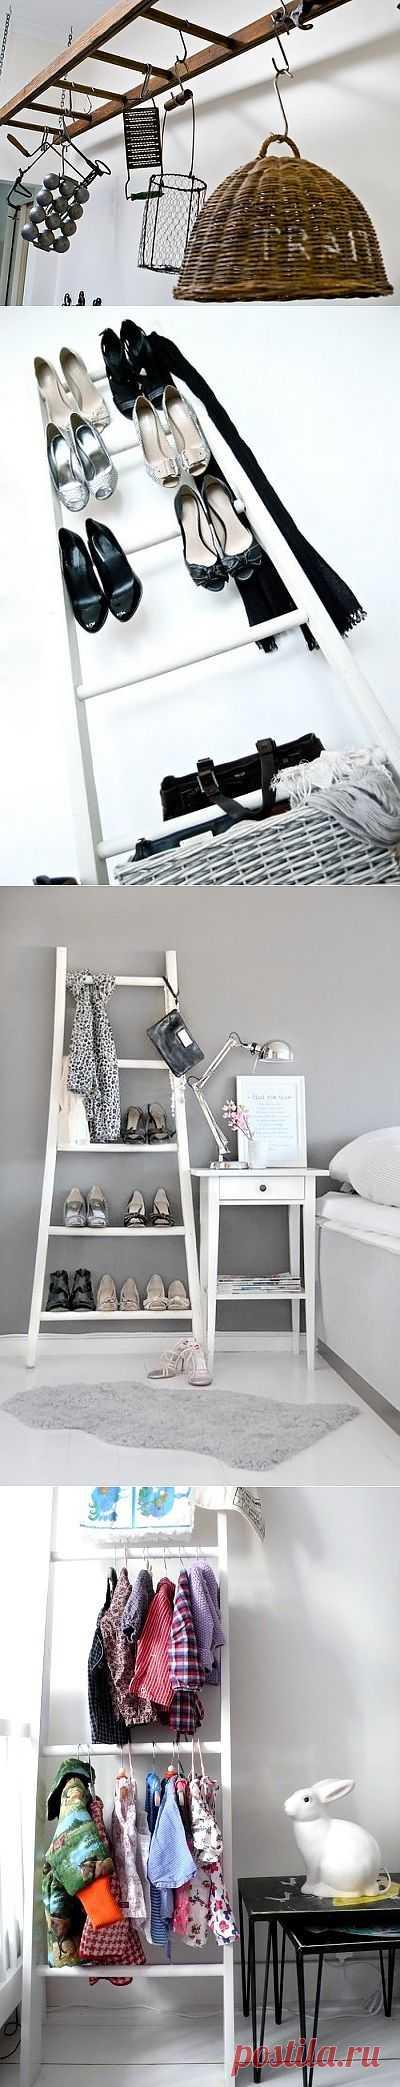 Salvaged wood : мебель из стремянок / Мебель / Модный сайт о стильной переделке одежды и интерьера